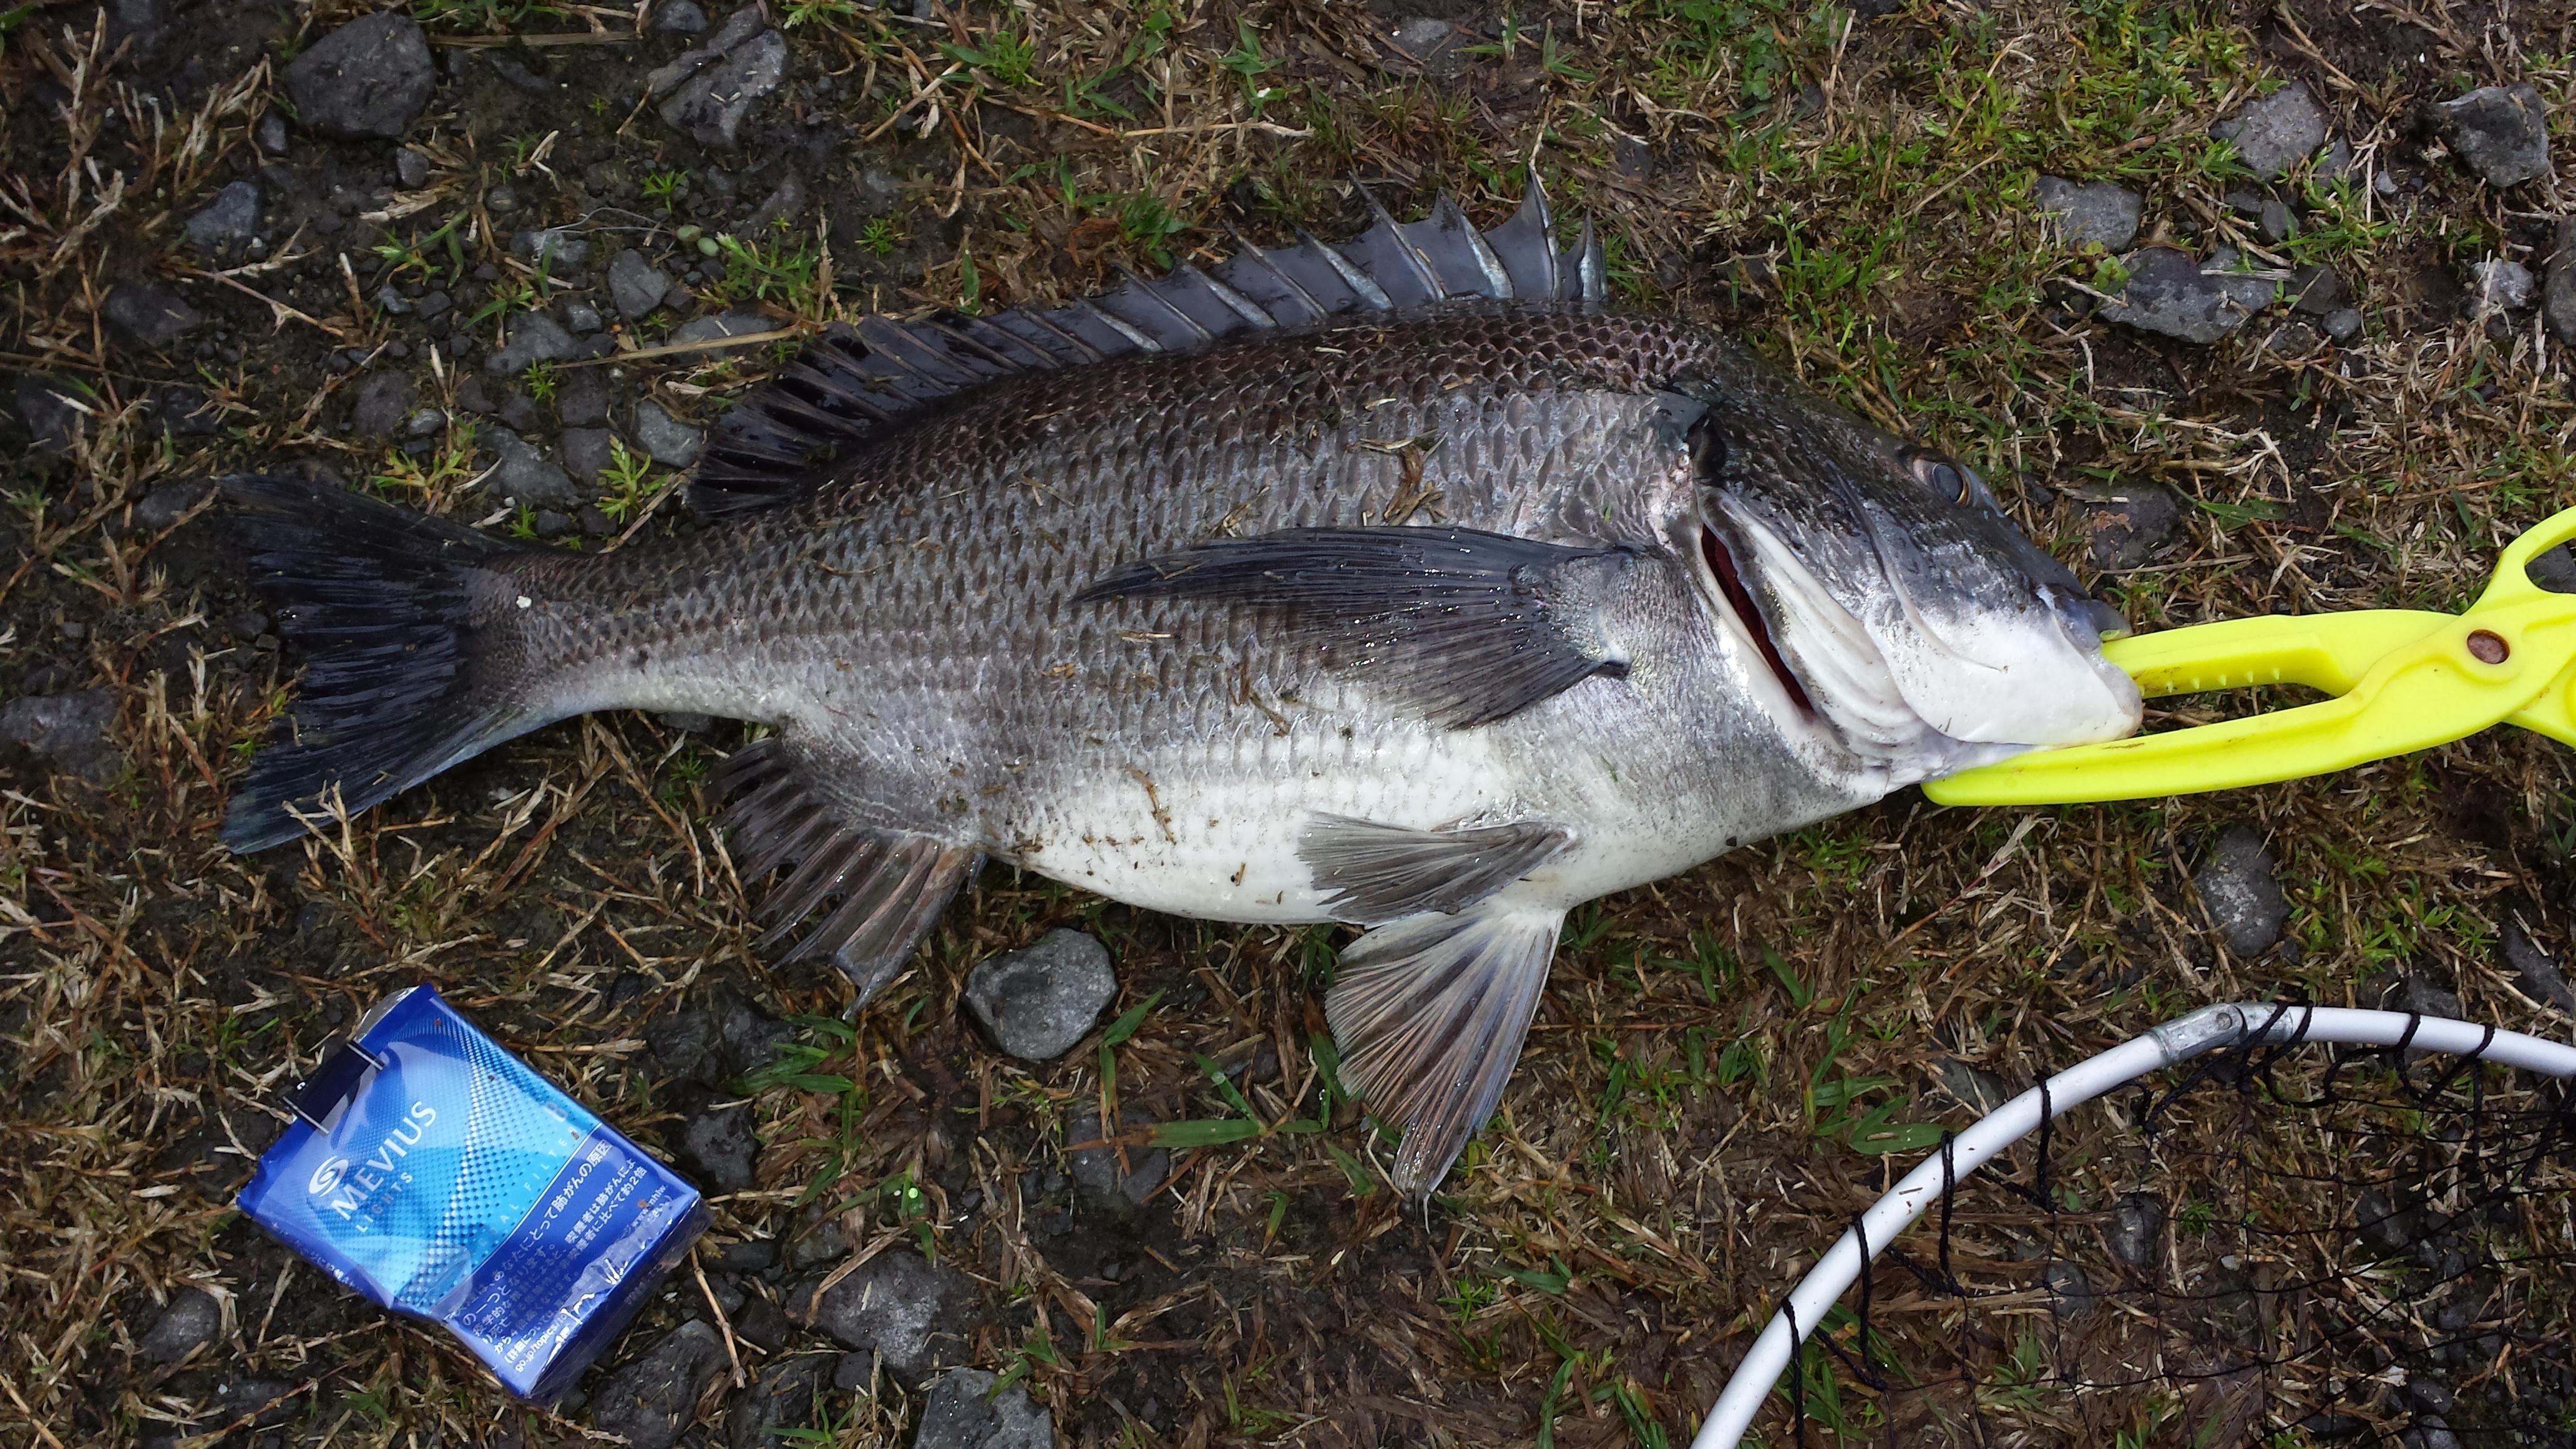 ふかせ釣りにはまってしまった記憶。それは2014年であった。